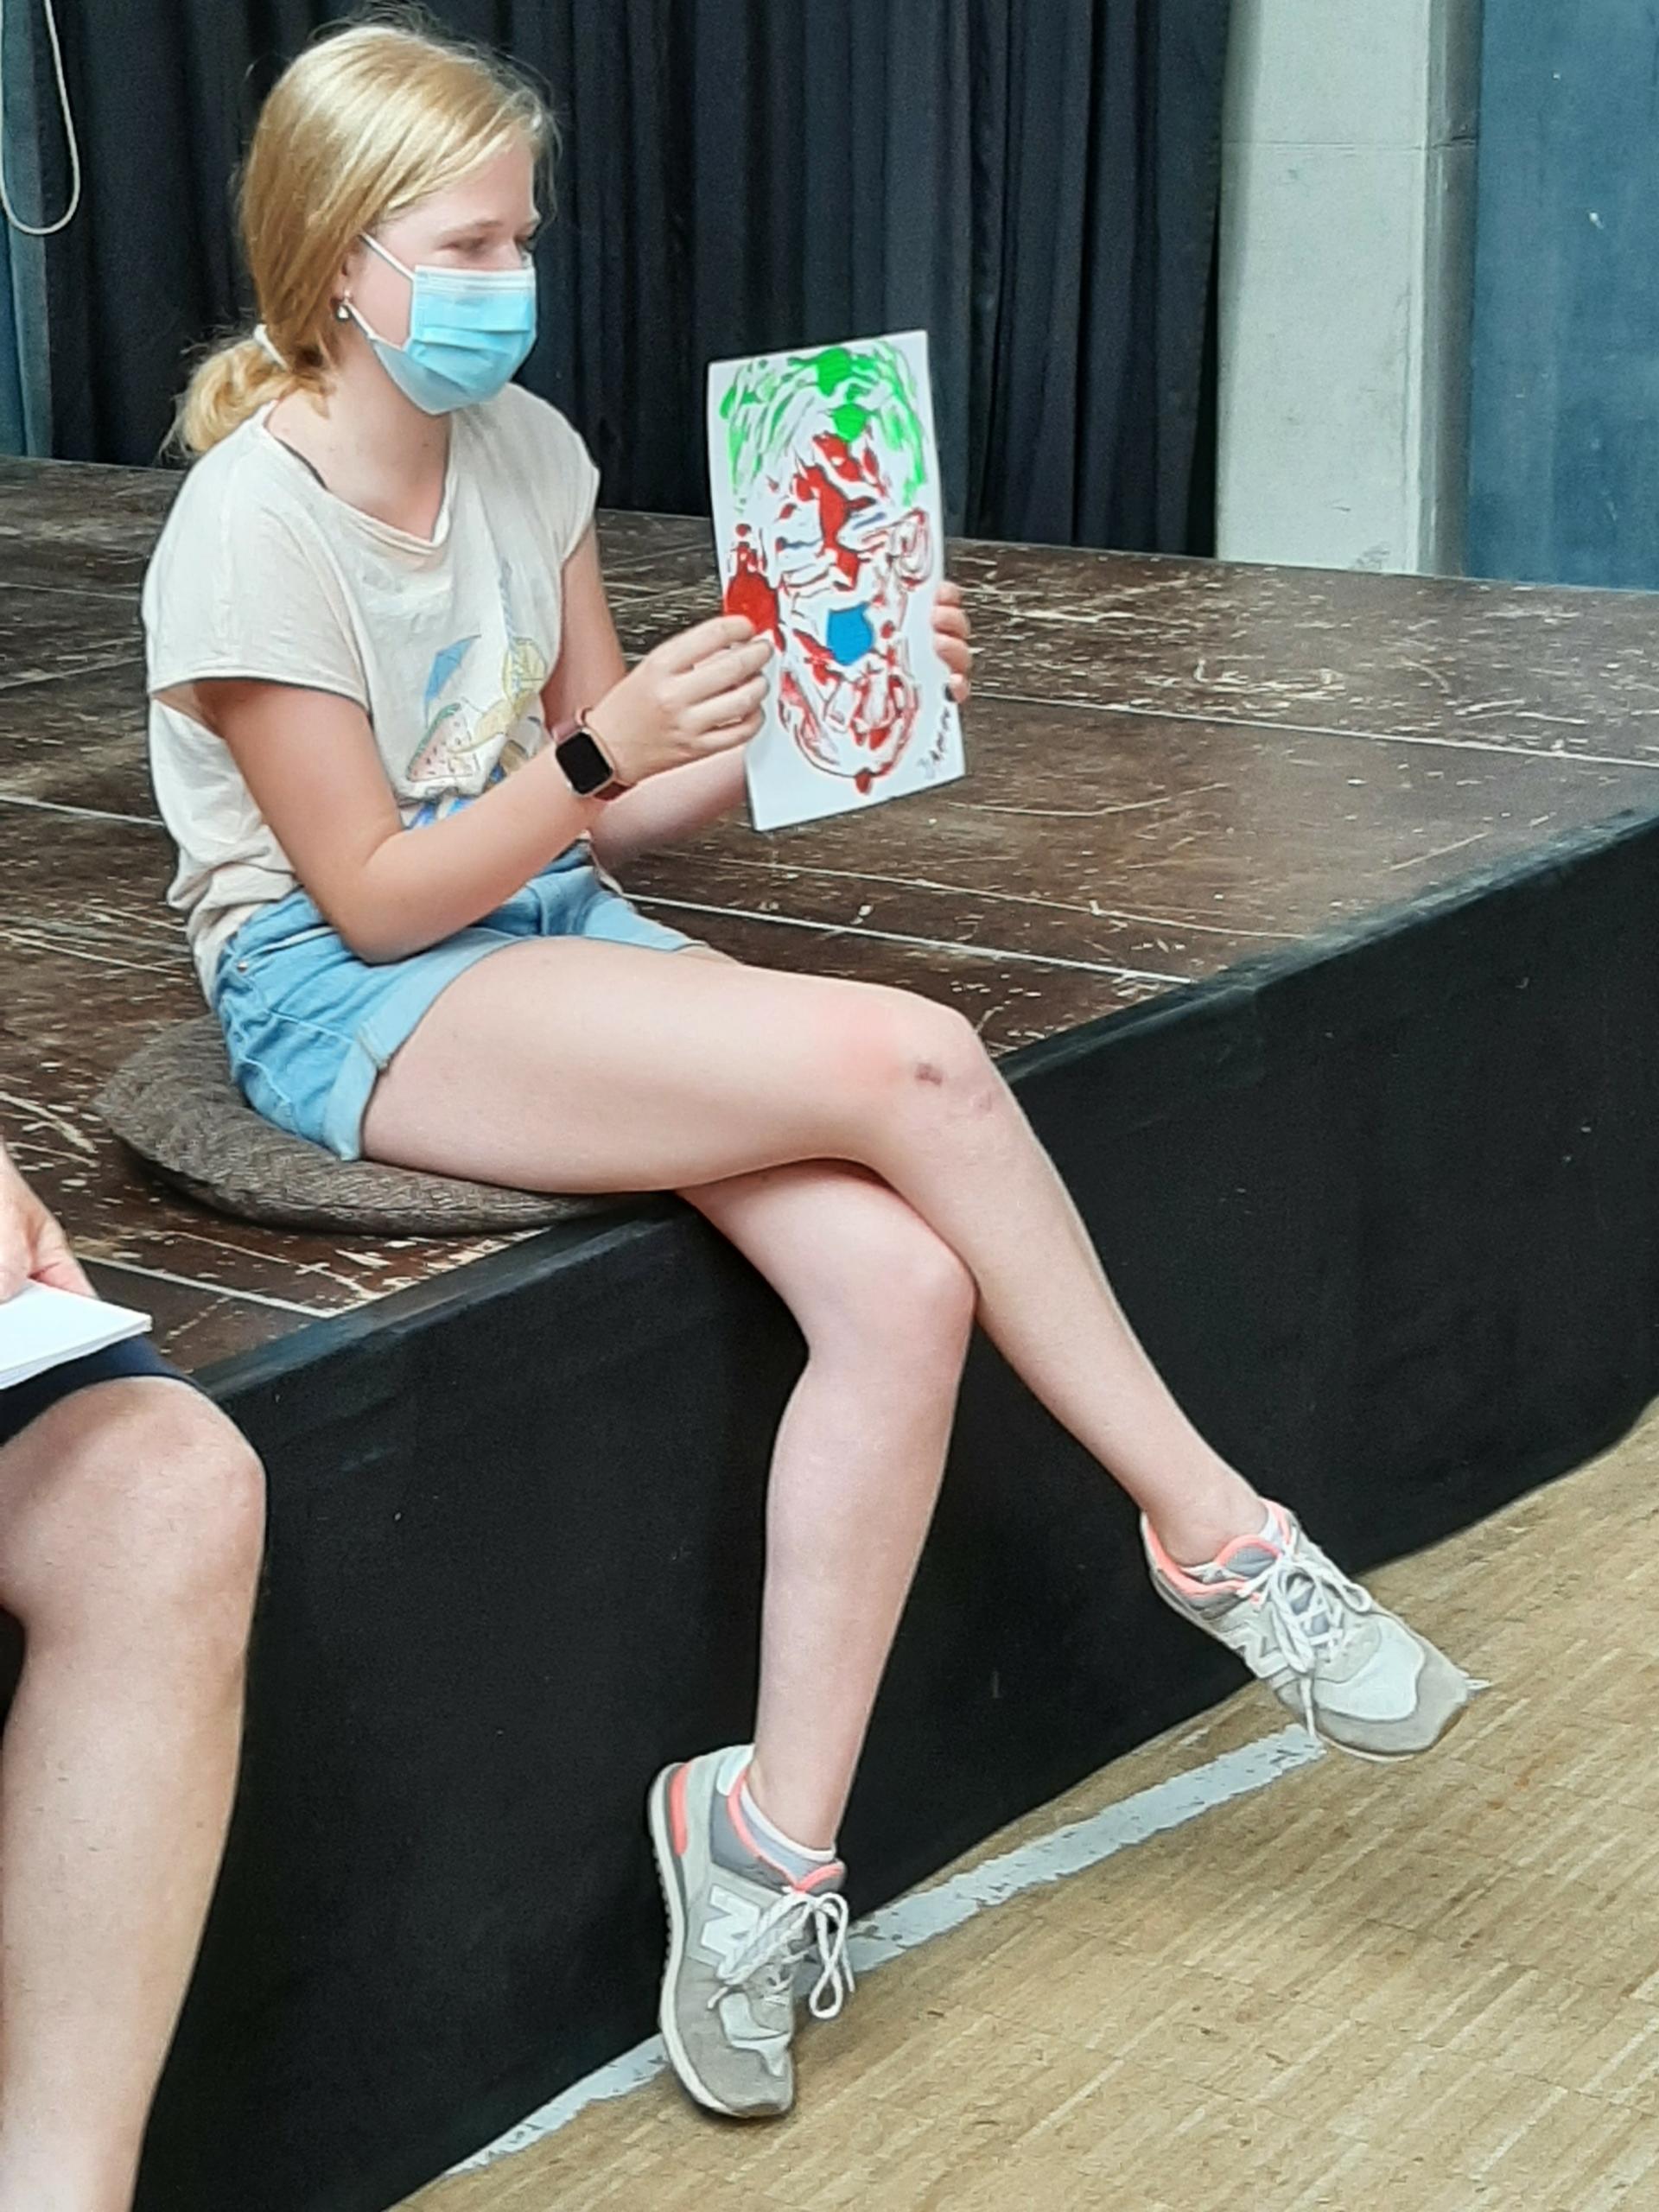 Farbiges Porträt in der Hand eines Mädchens auf der Bühne